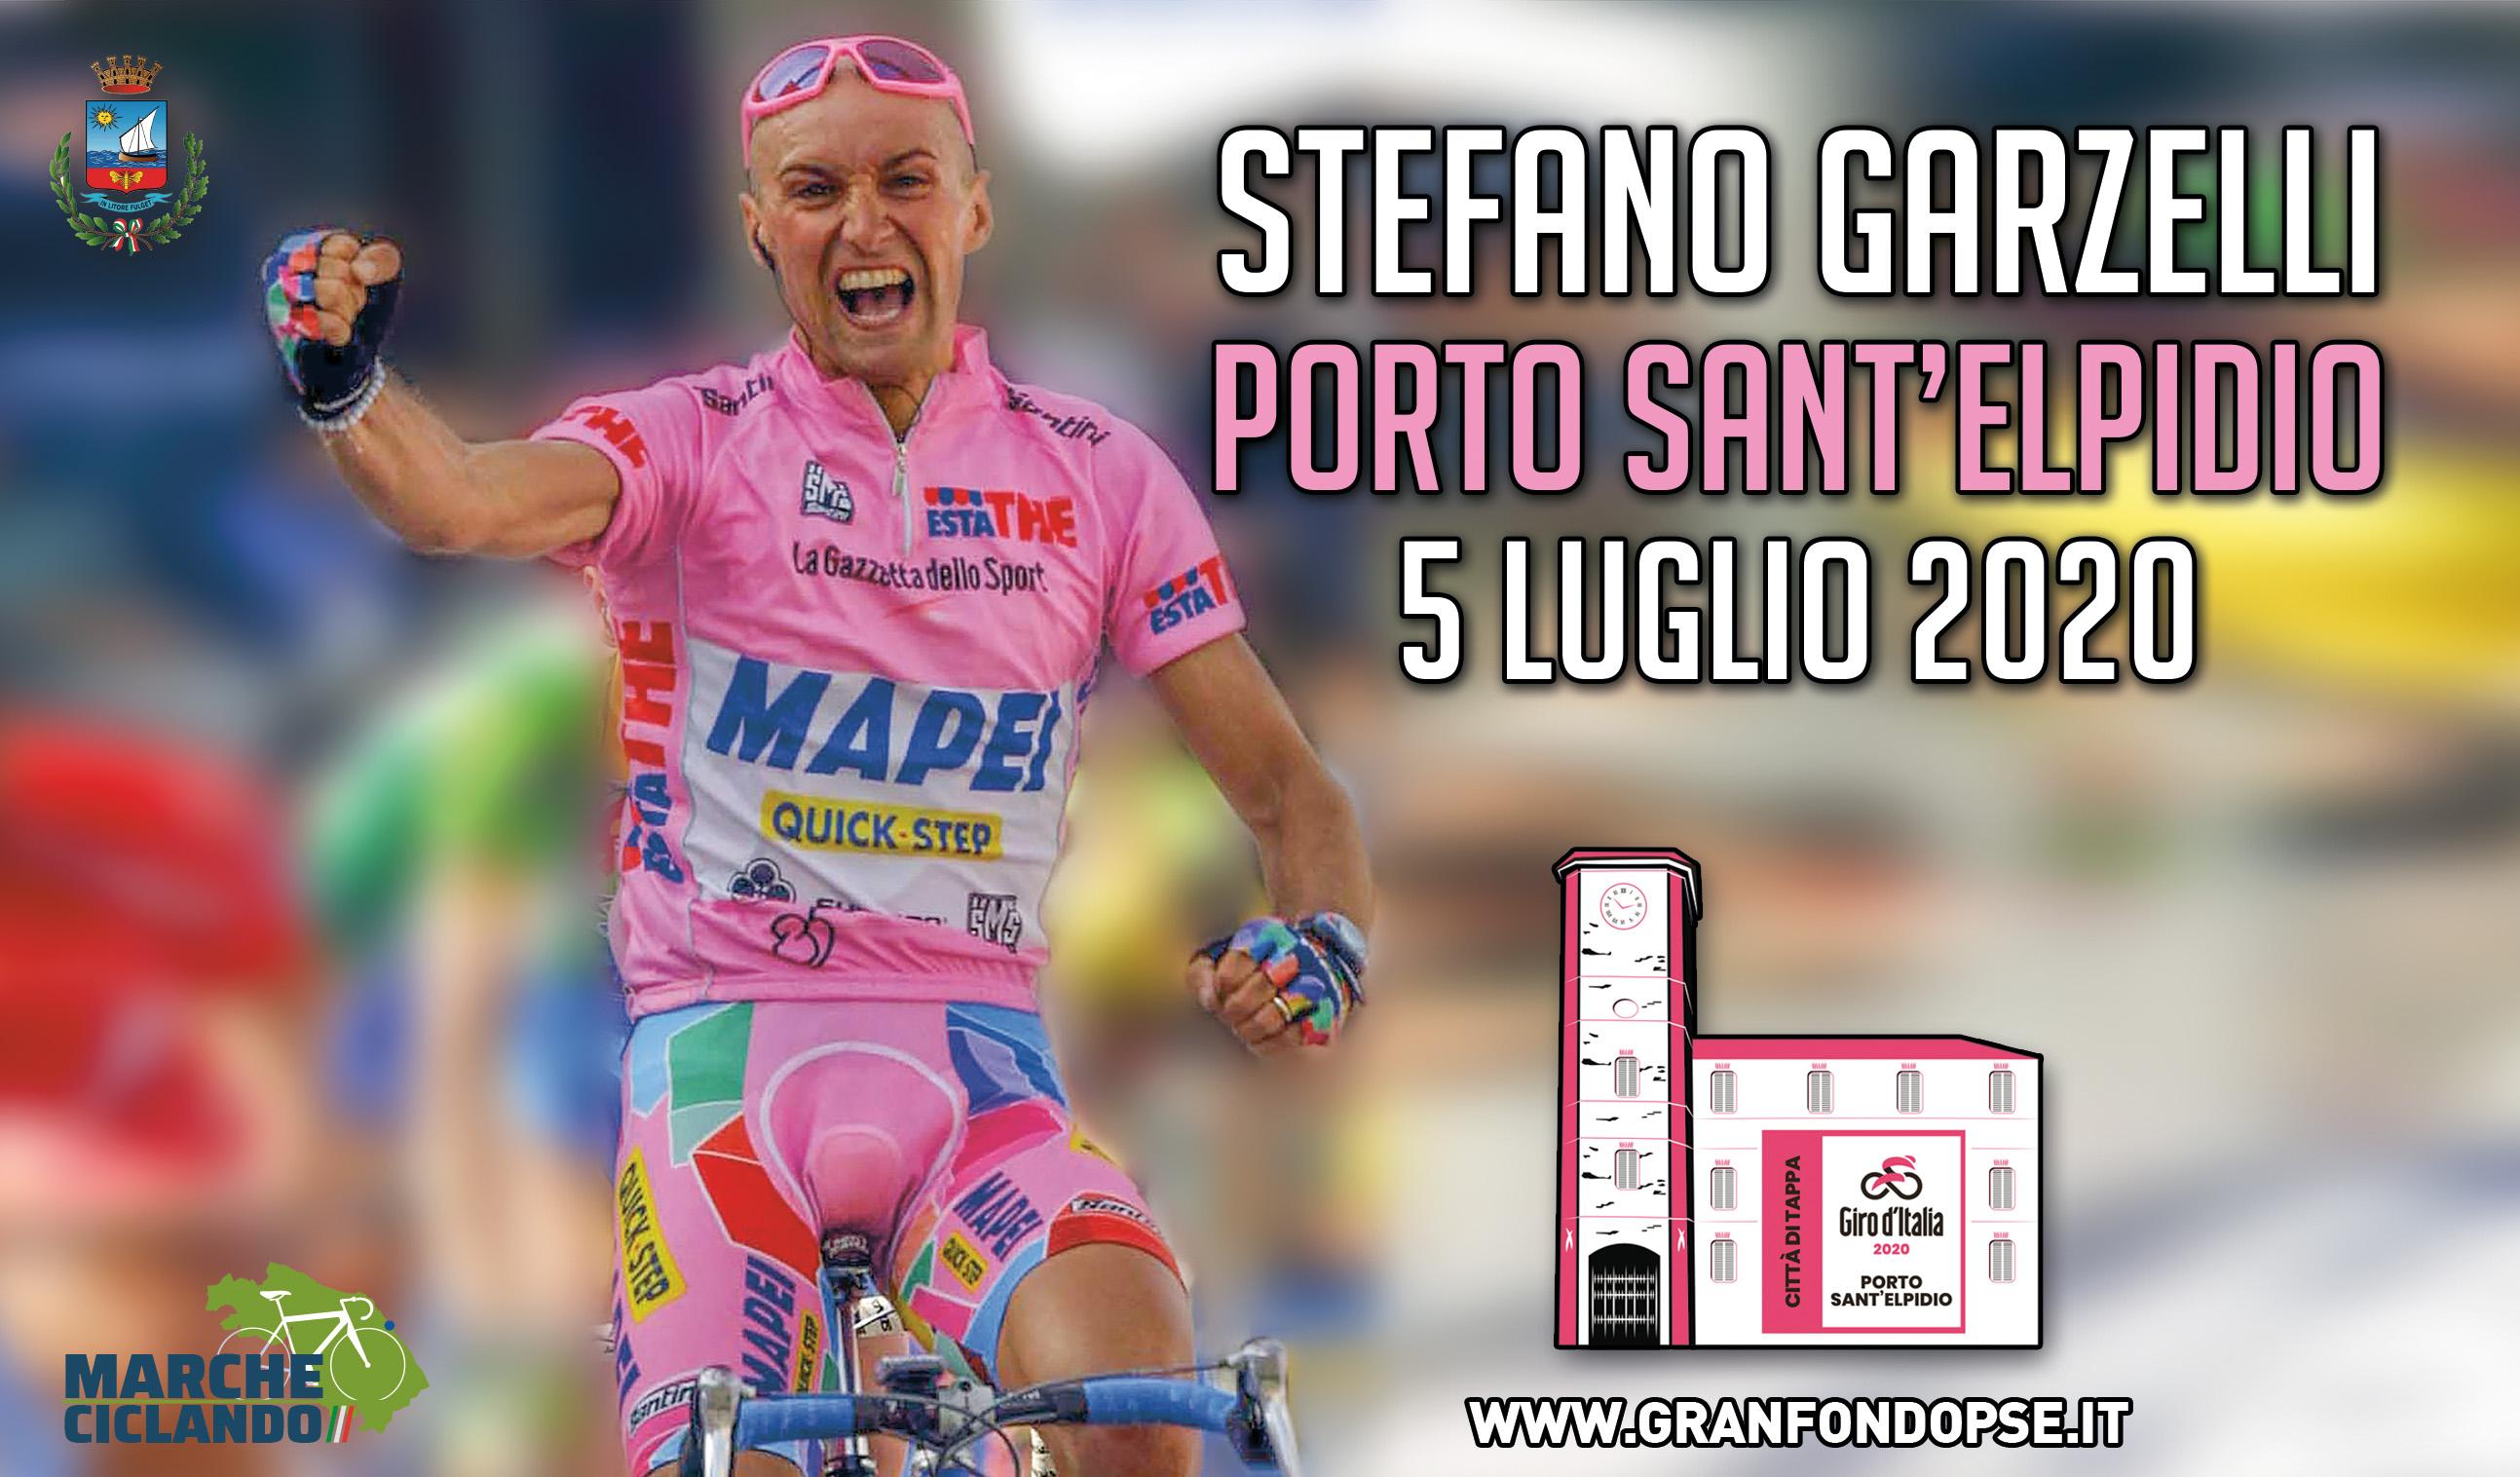 Locandina Granfondo Porto Sant'Elpidio-Stefano Garzelli: slittamento al 13 aprile, giorno di Pasquetta